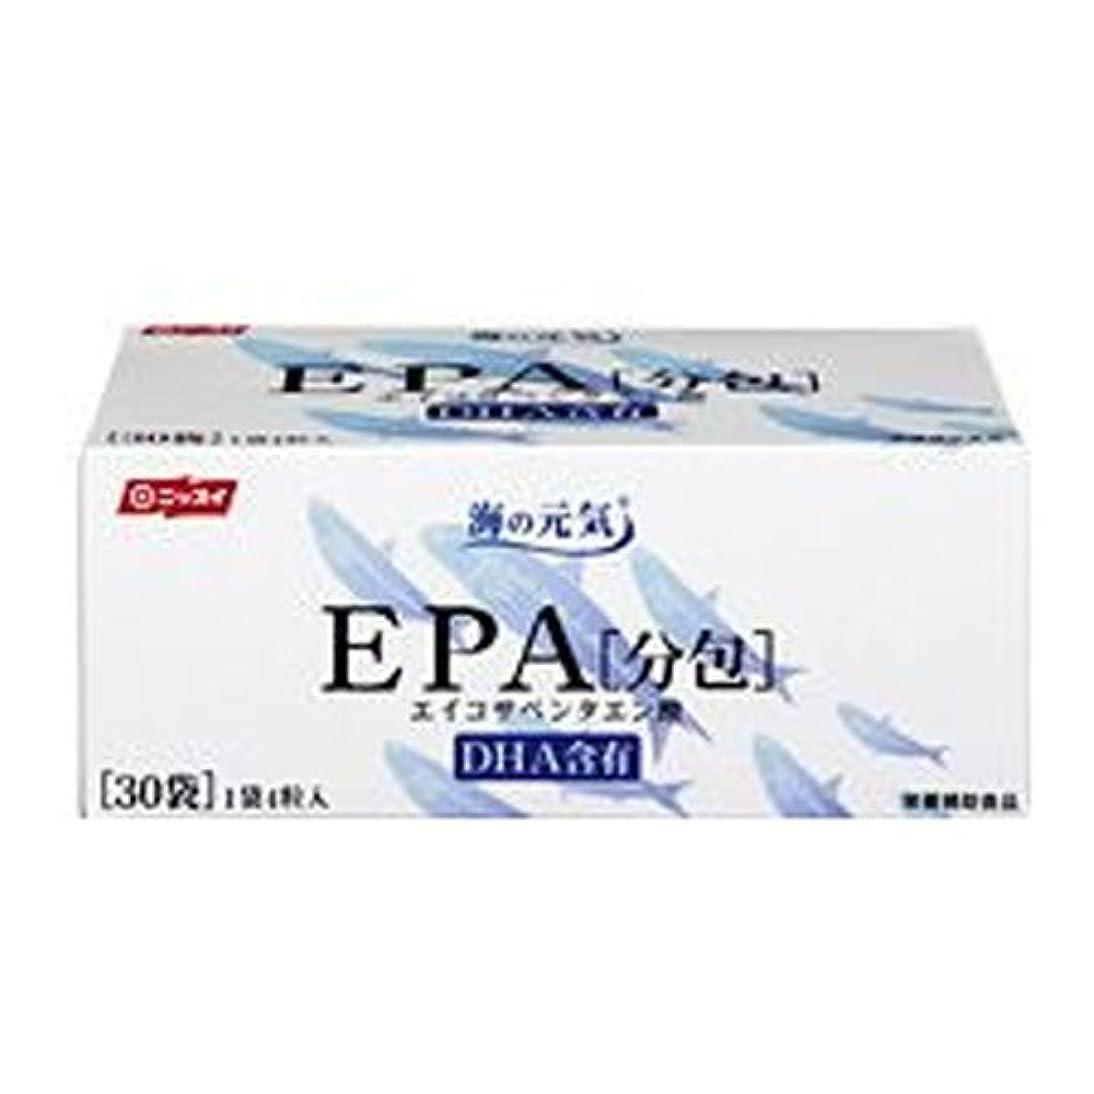 採用チャンスアプローチニッスイ 海の元気 EPA 分包30包 EPA サプリメント(DHA含有)